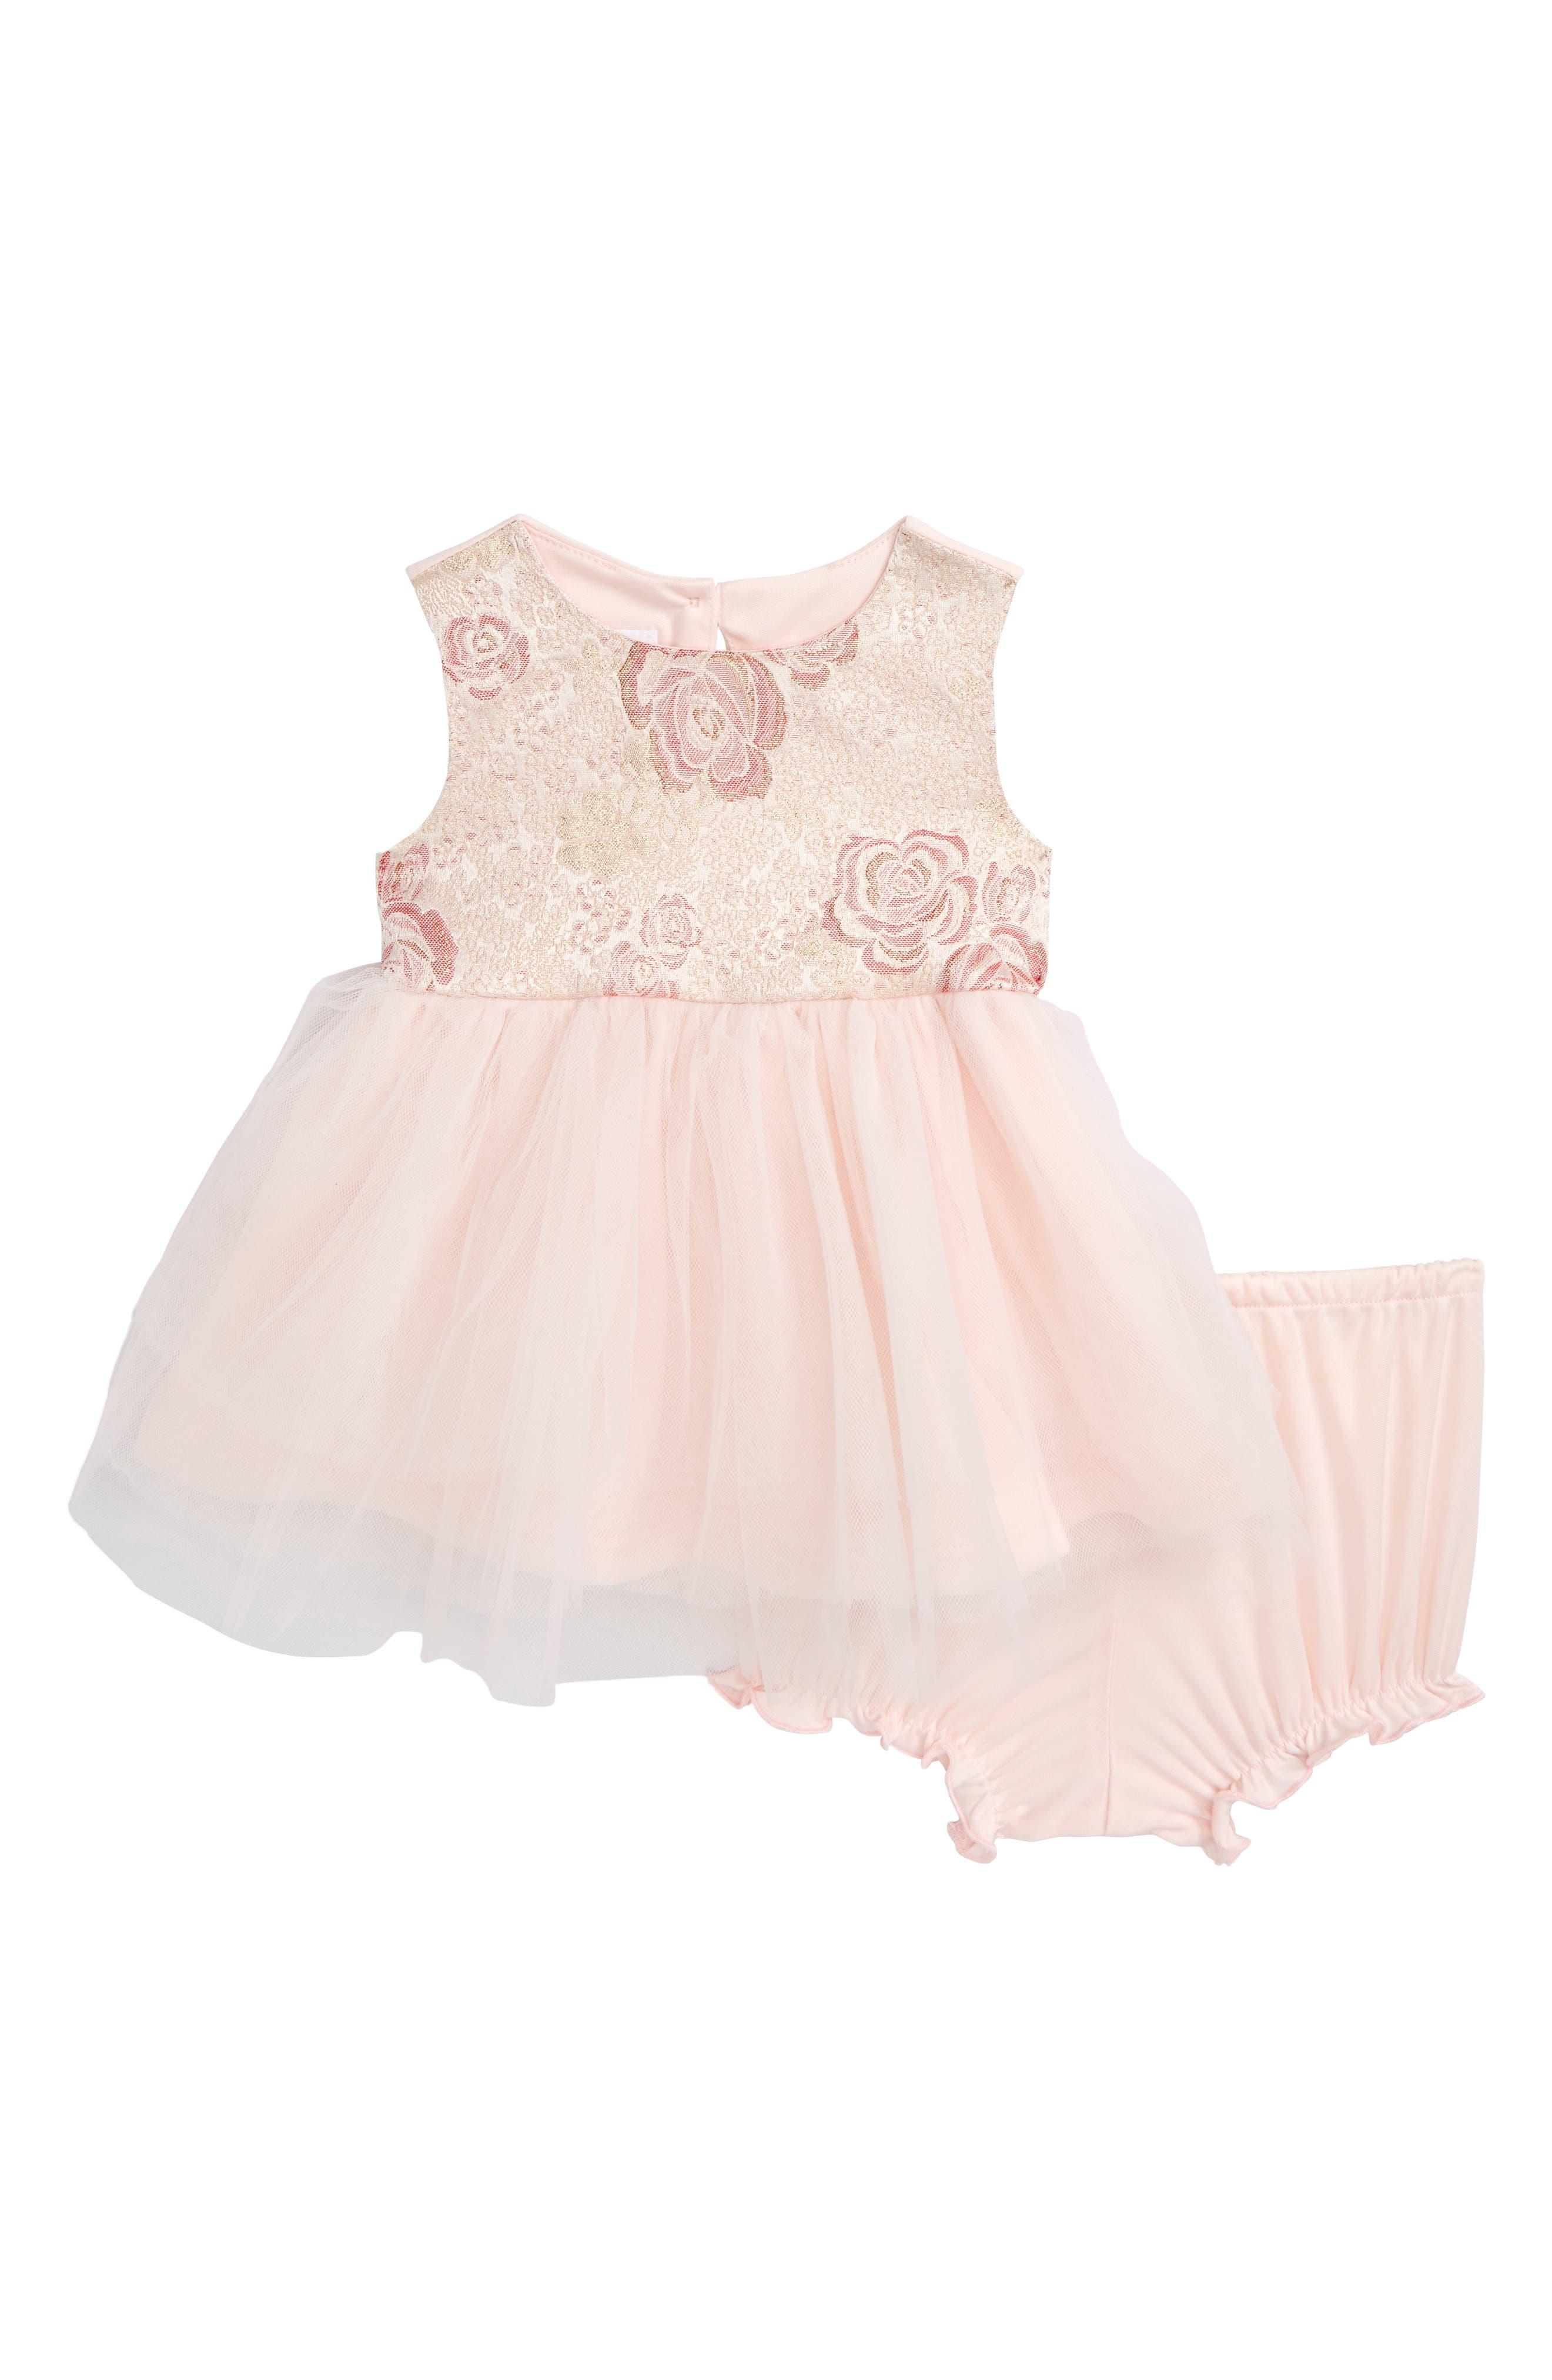 Jacquard Ballerina Party Dress,                         Main,                         color, Light Pink